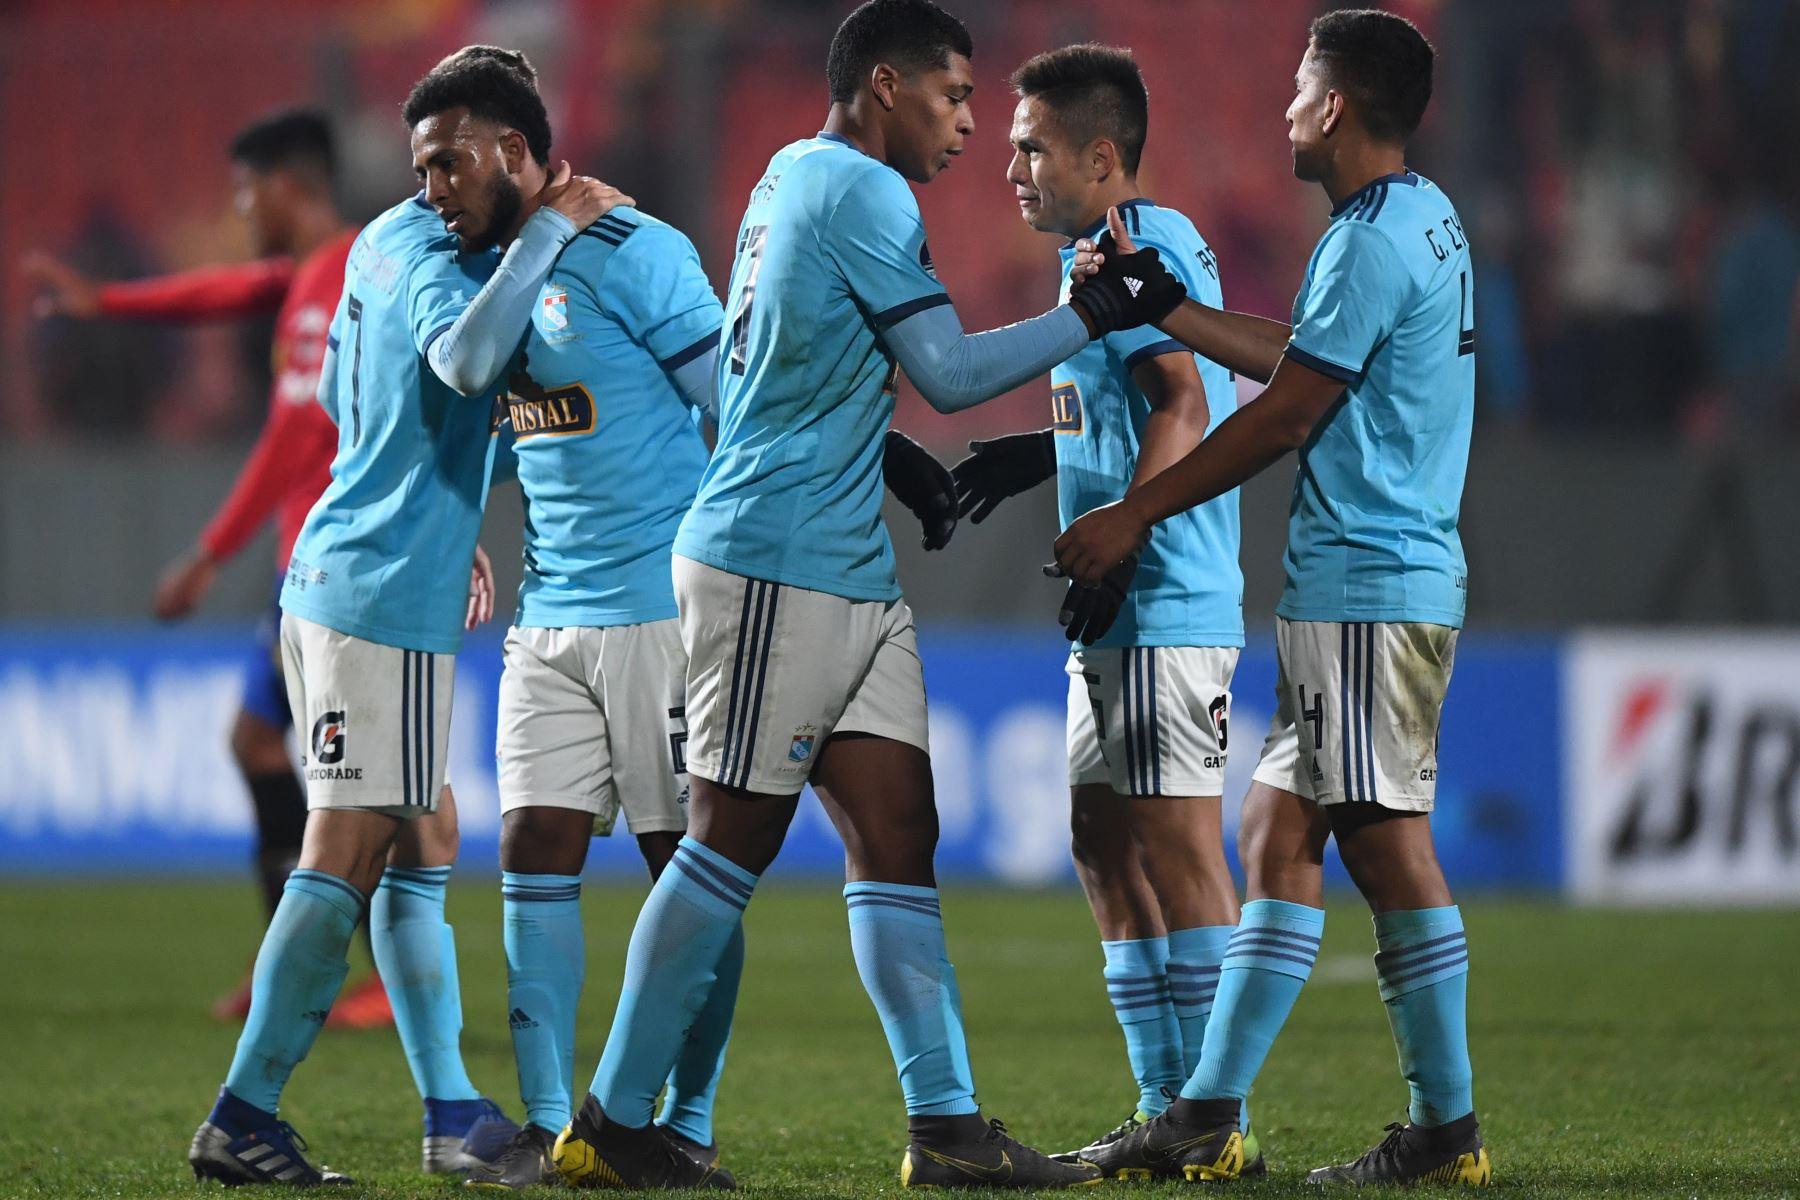 Los jugadores del equipo peruano Sporting Cristal se saludan luego de derrotar a la Unión Española Española 3-0 en un partido de fútbol de Copa Sudamericana en el estadio Santa Laura en Santiago. Foto: AFP